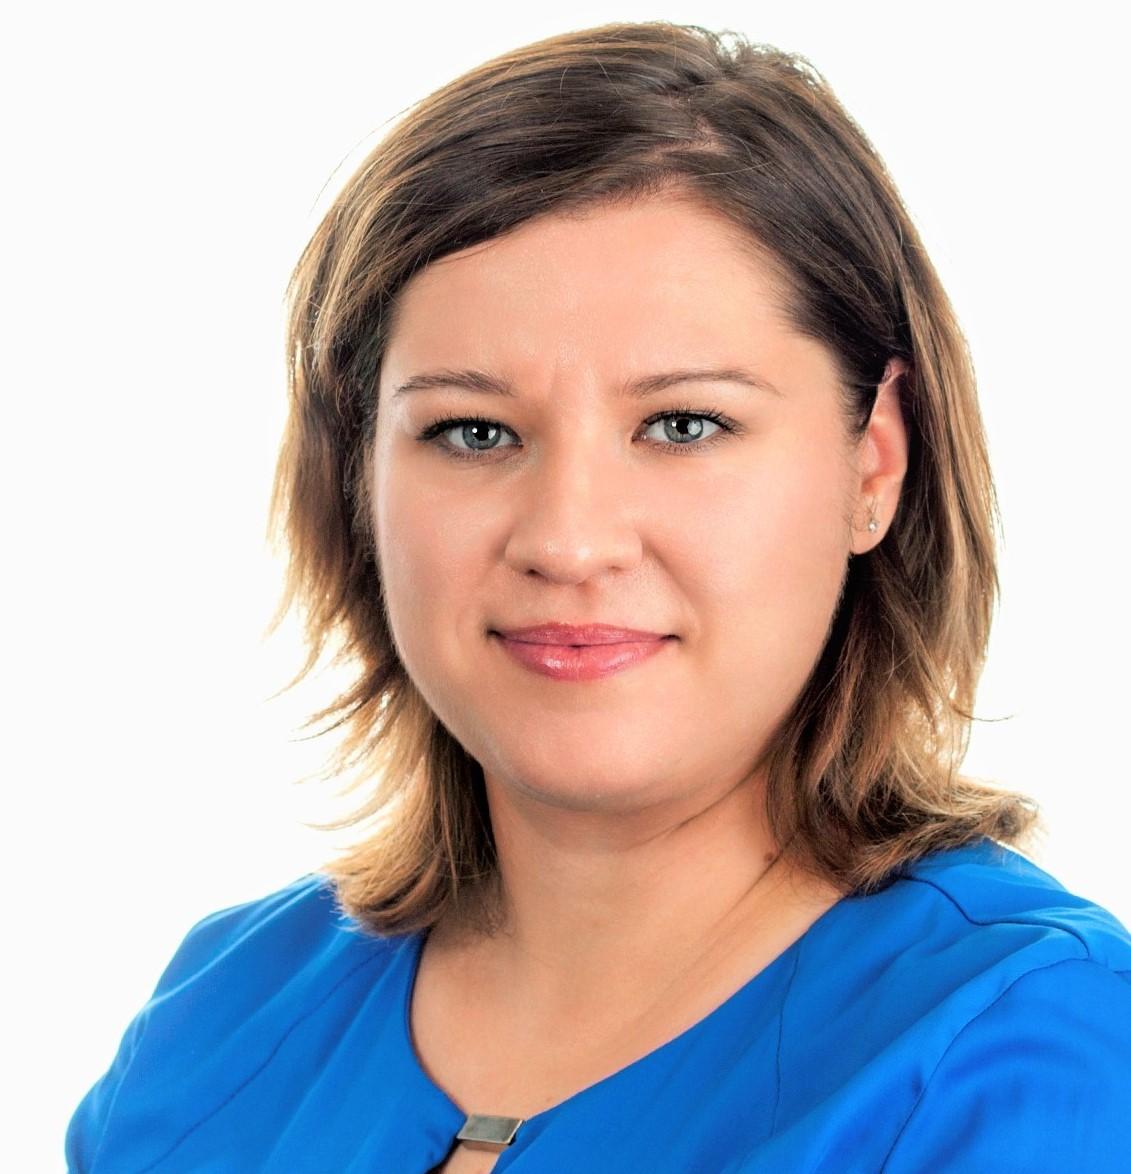 Maria Maciejewska